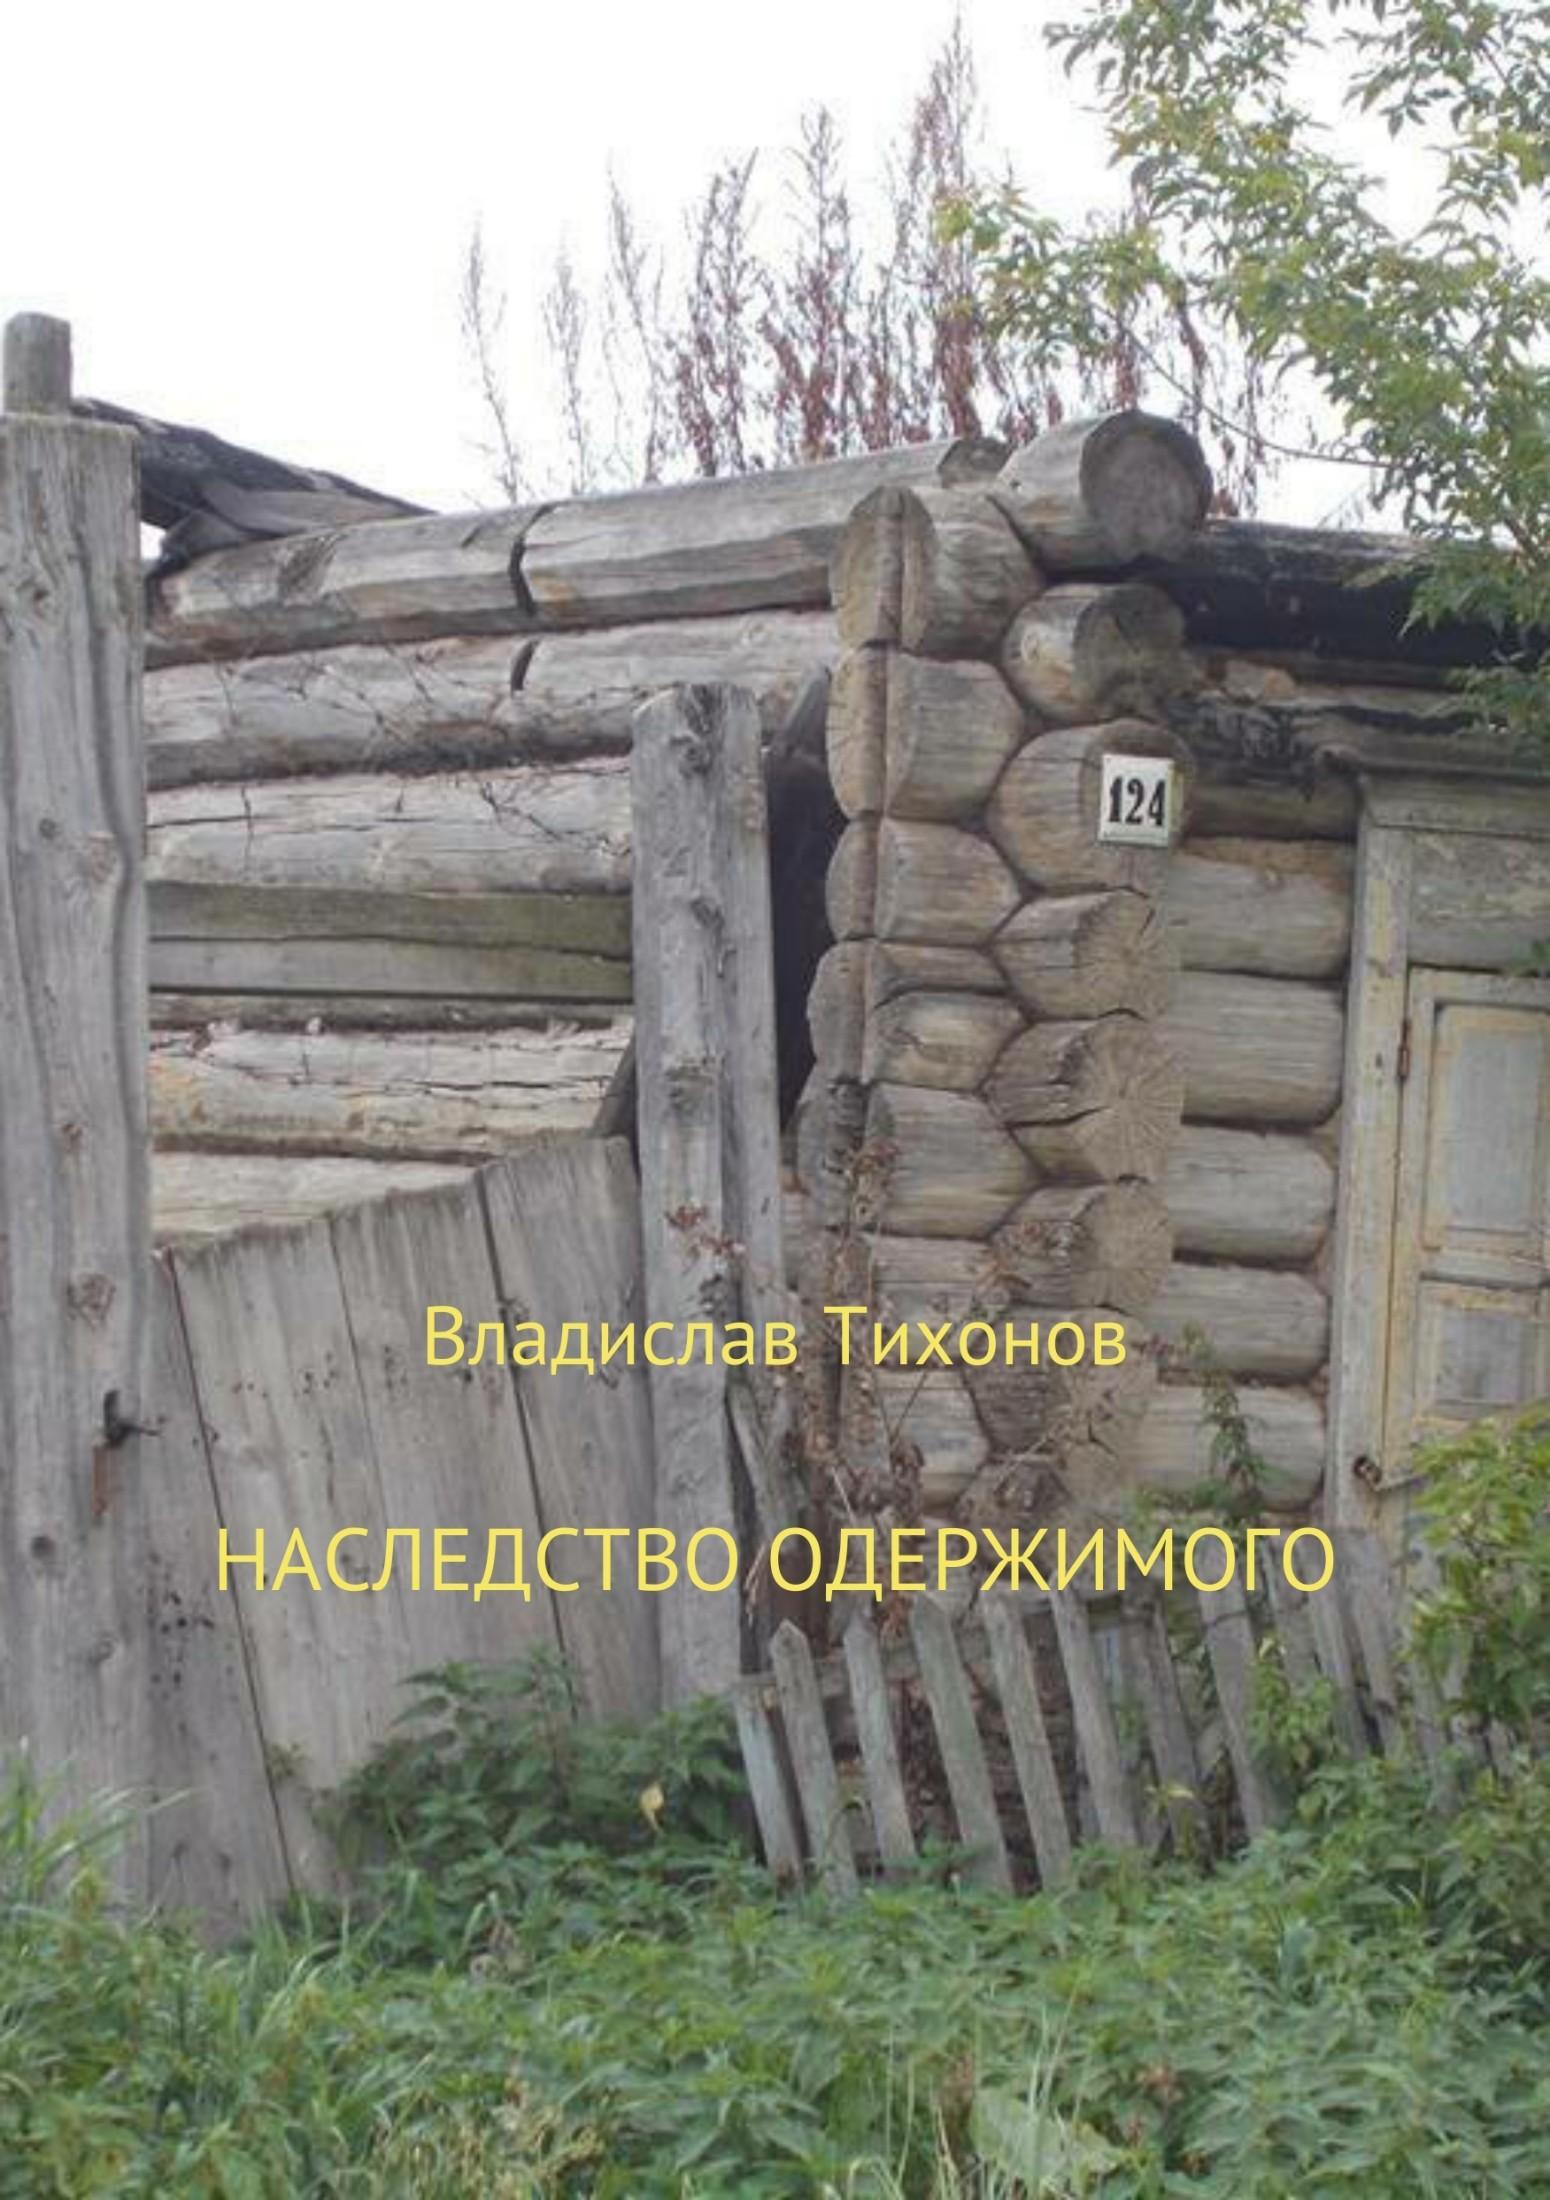 Владислав Георгиевич Тихонов Наследство одержимого